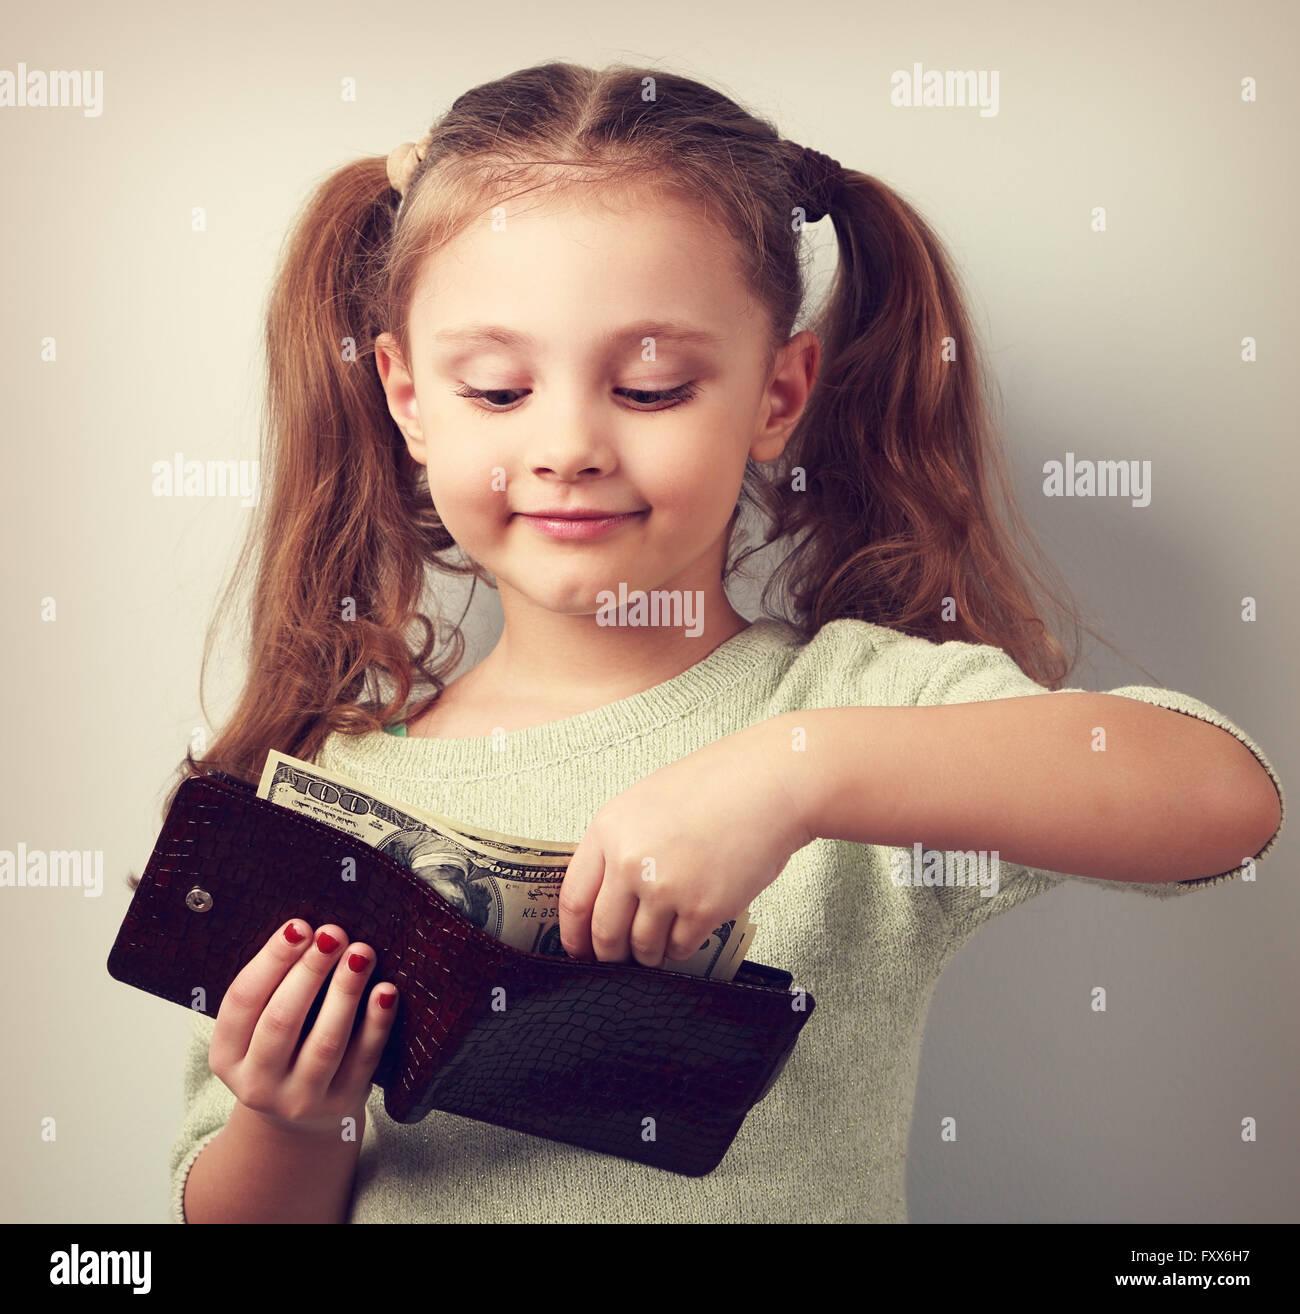 Carino piccolo kid ragazza tenendo dollari da madre portafoglio e cercando felice. Tonica closeup ritratto Immagini Stock